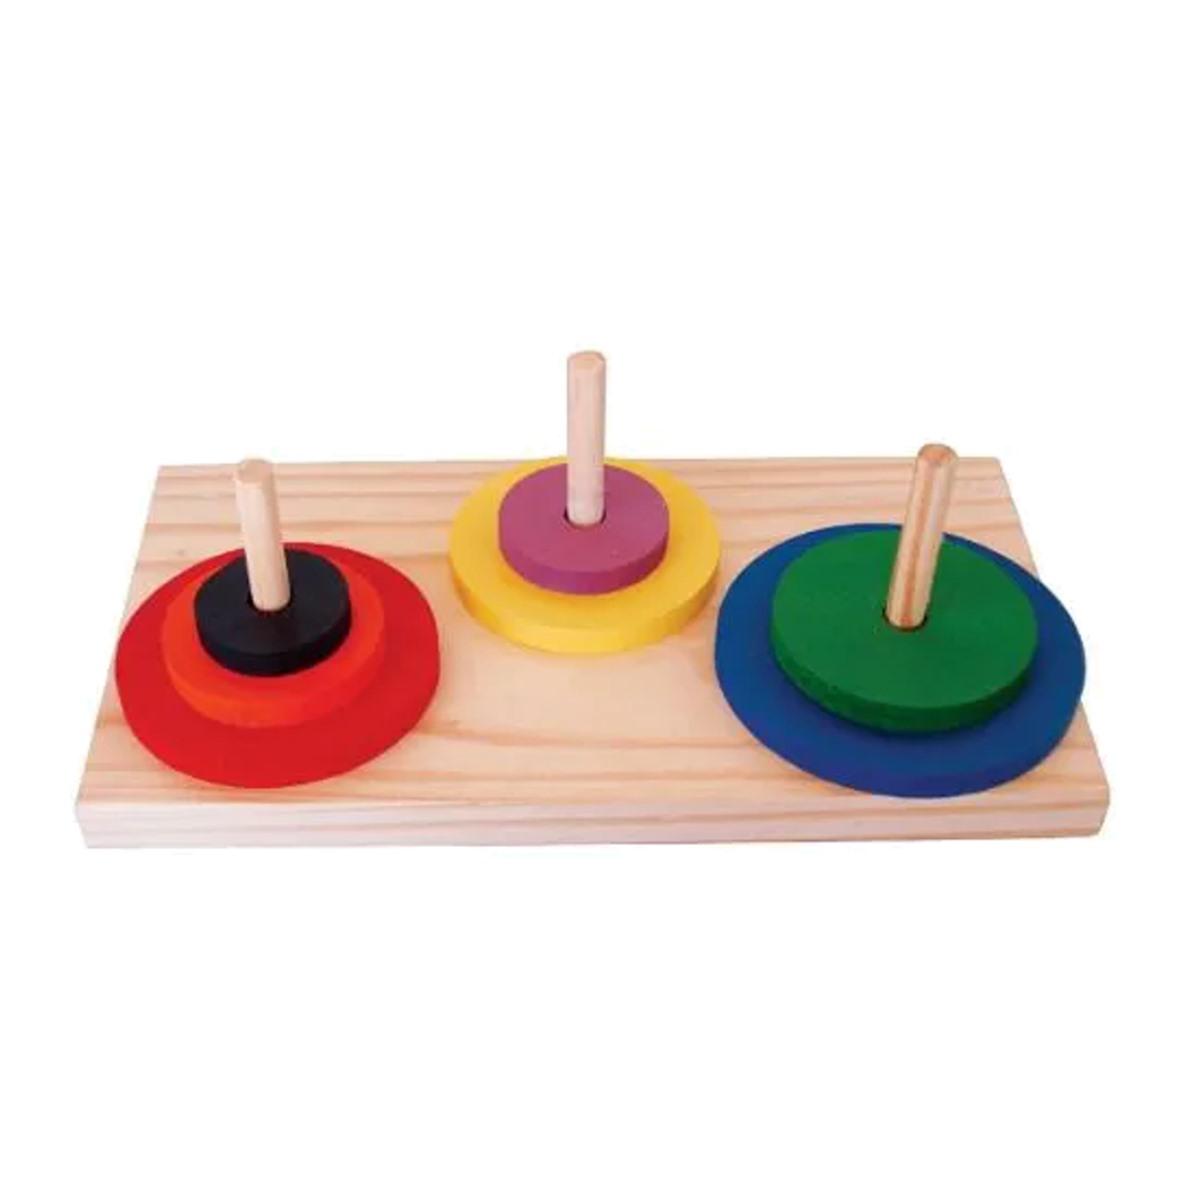 Brinquedos Educativos - Torre de Hanoi 7 Peças